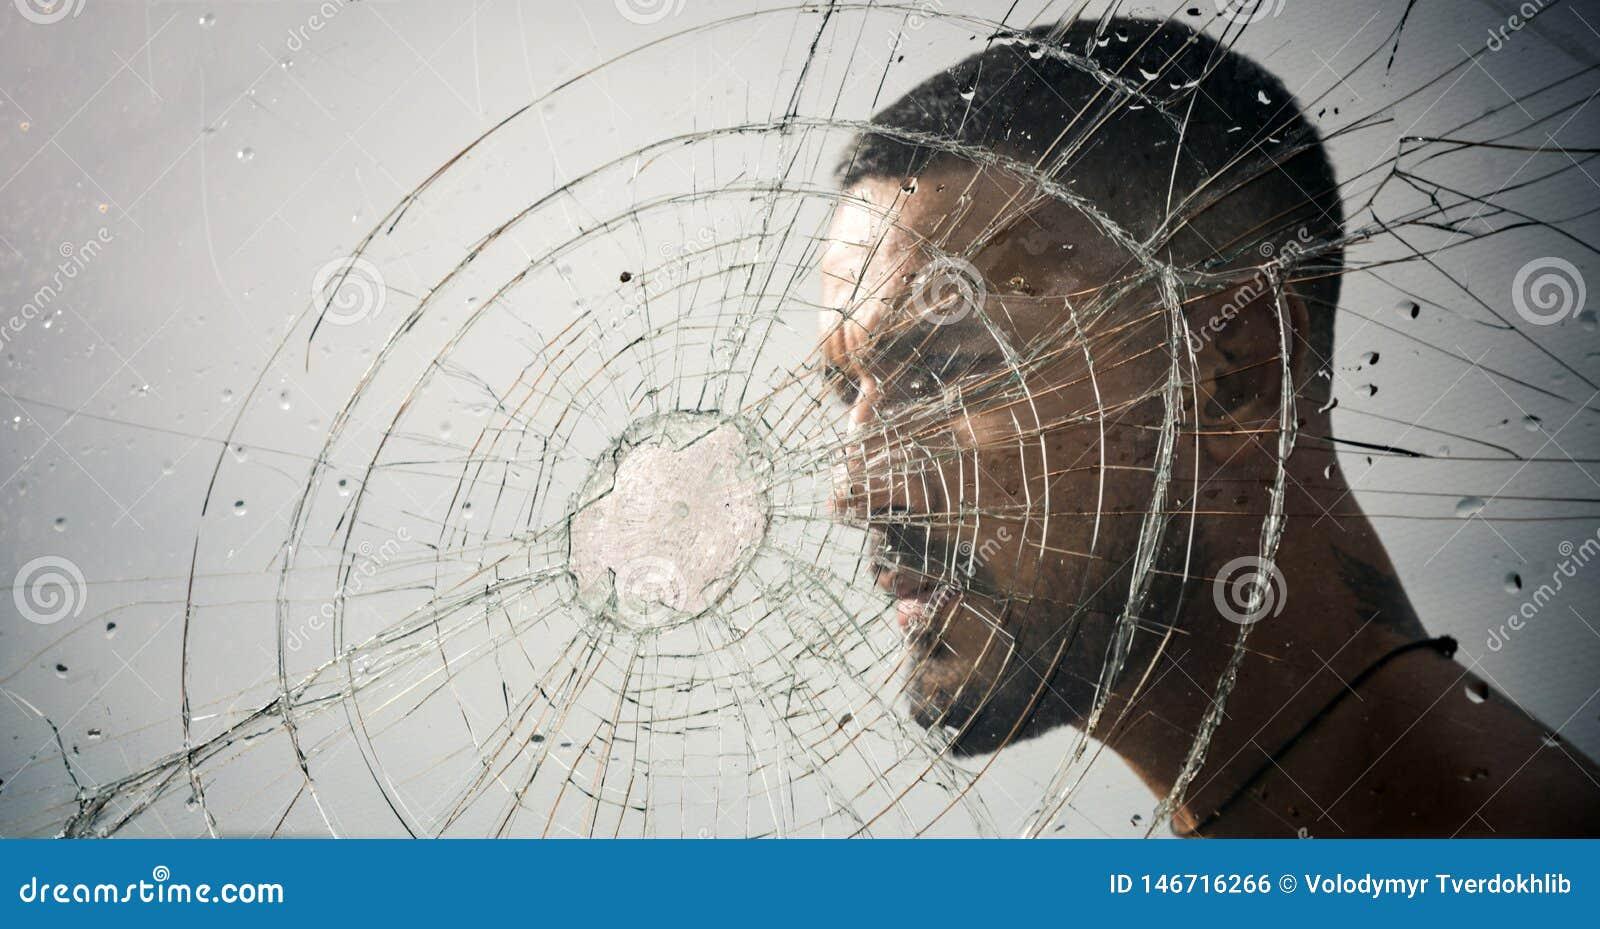 Rachadura homem macho atrás do vidro esmagado raiva destrui??o roubo do teste do esmagamento descarga emocional Buraco de bala no